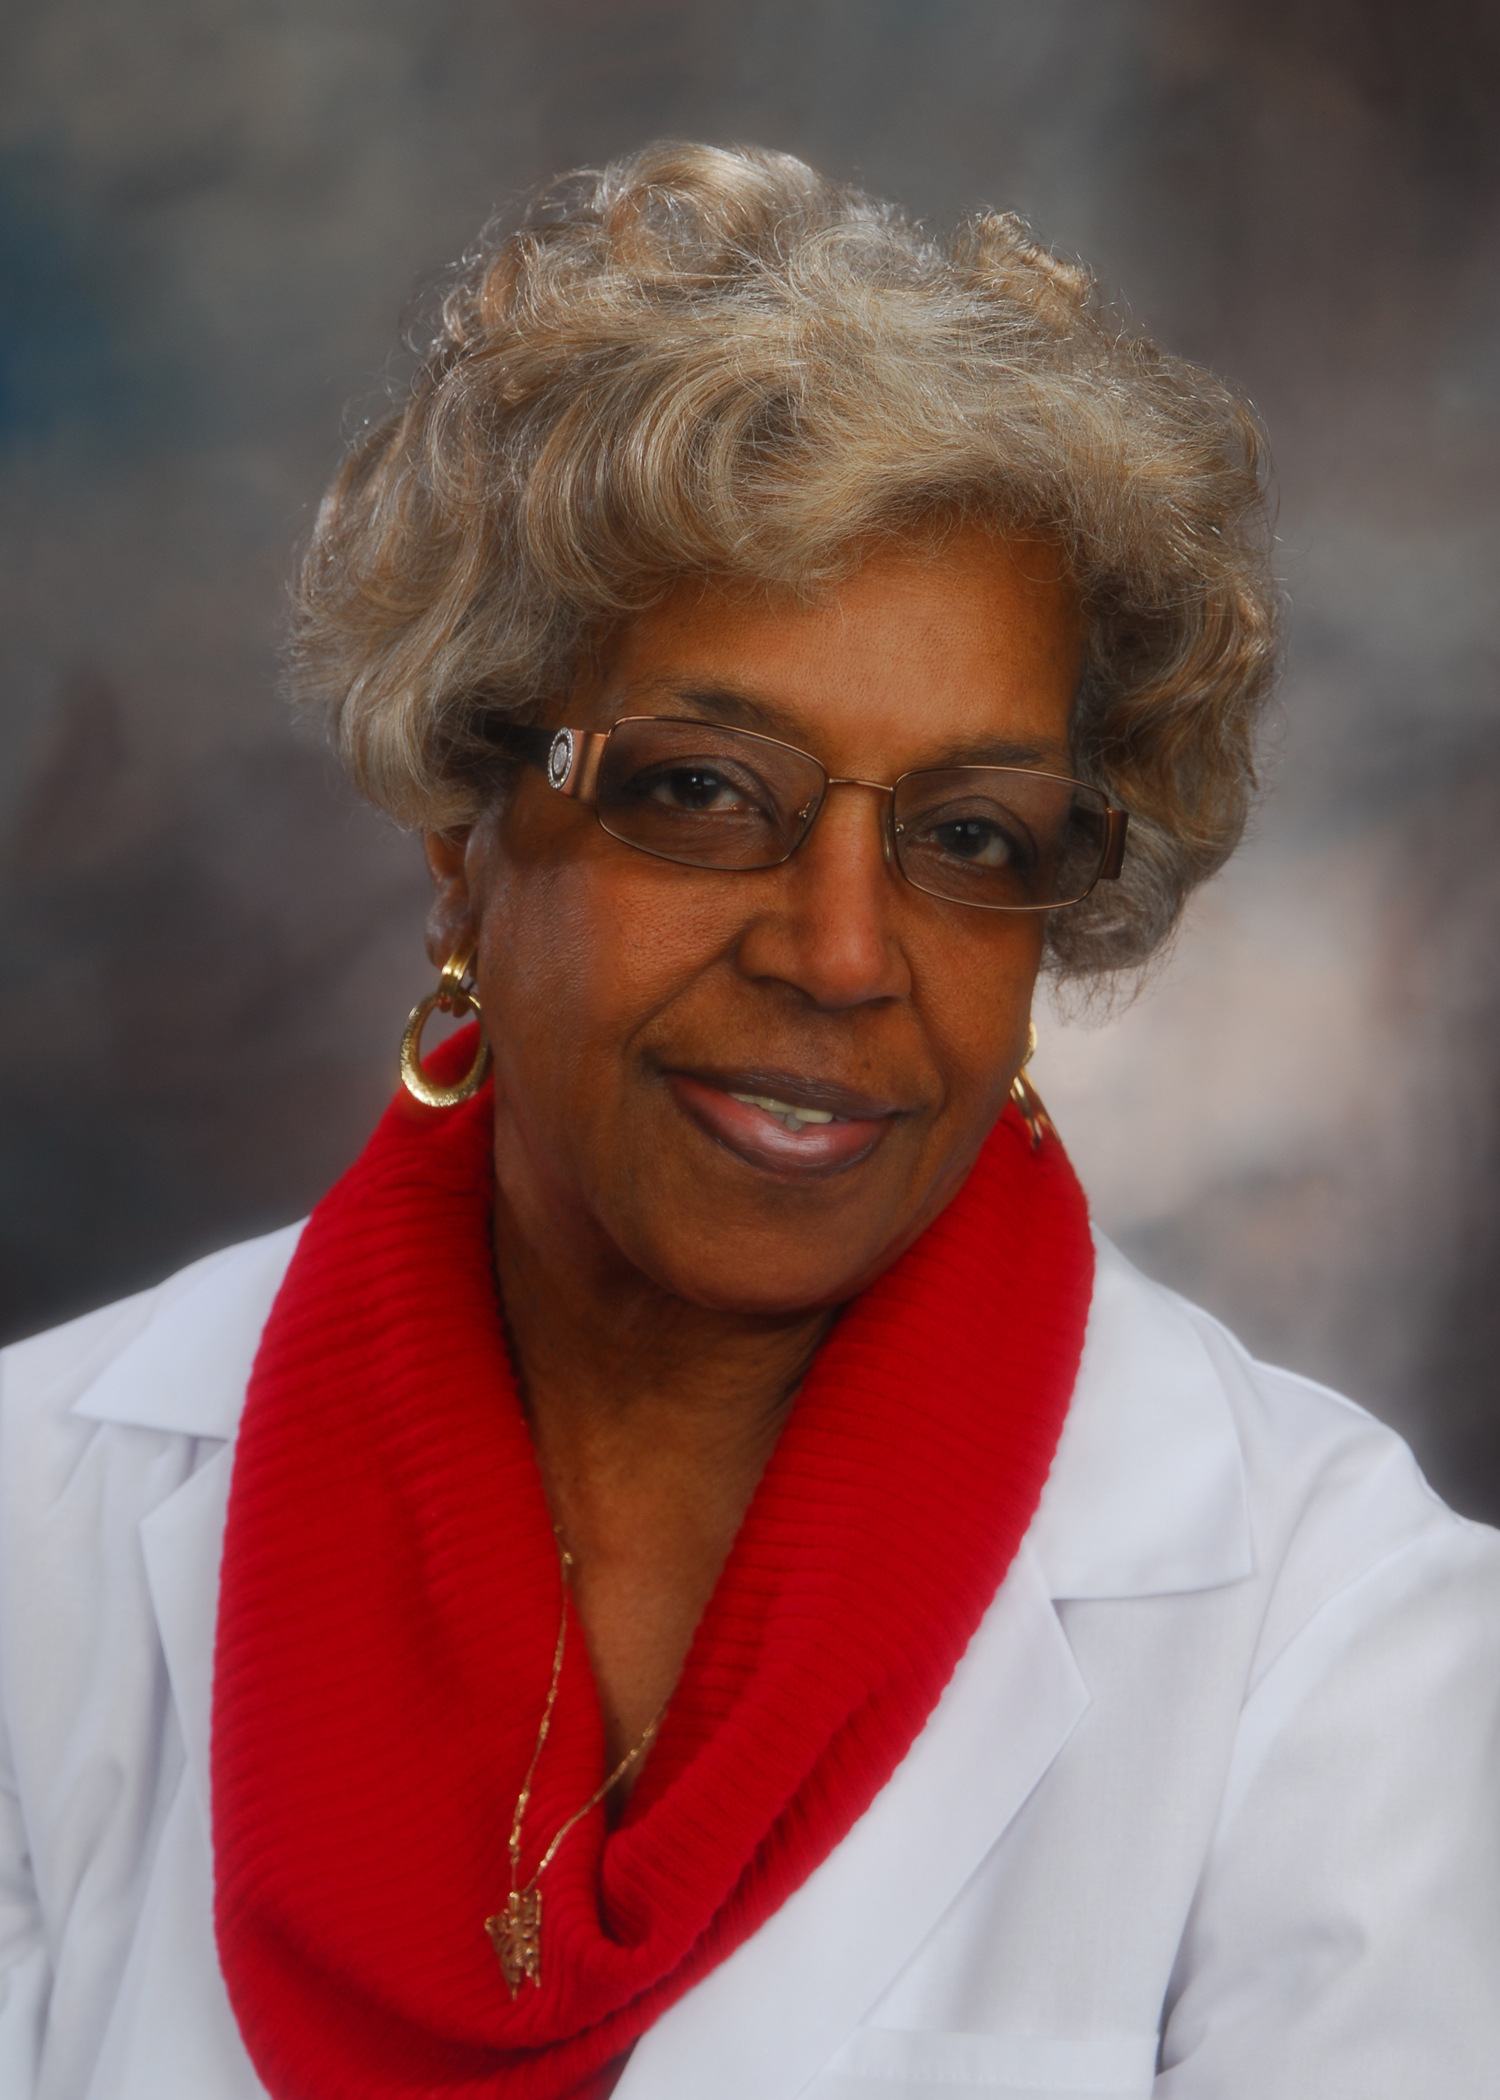 Carolyn S. Patterson, RPh